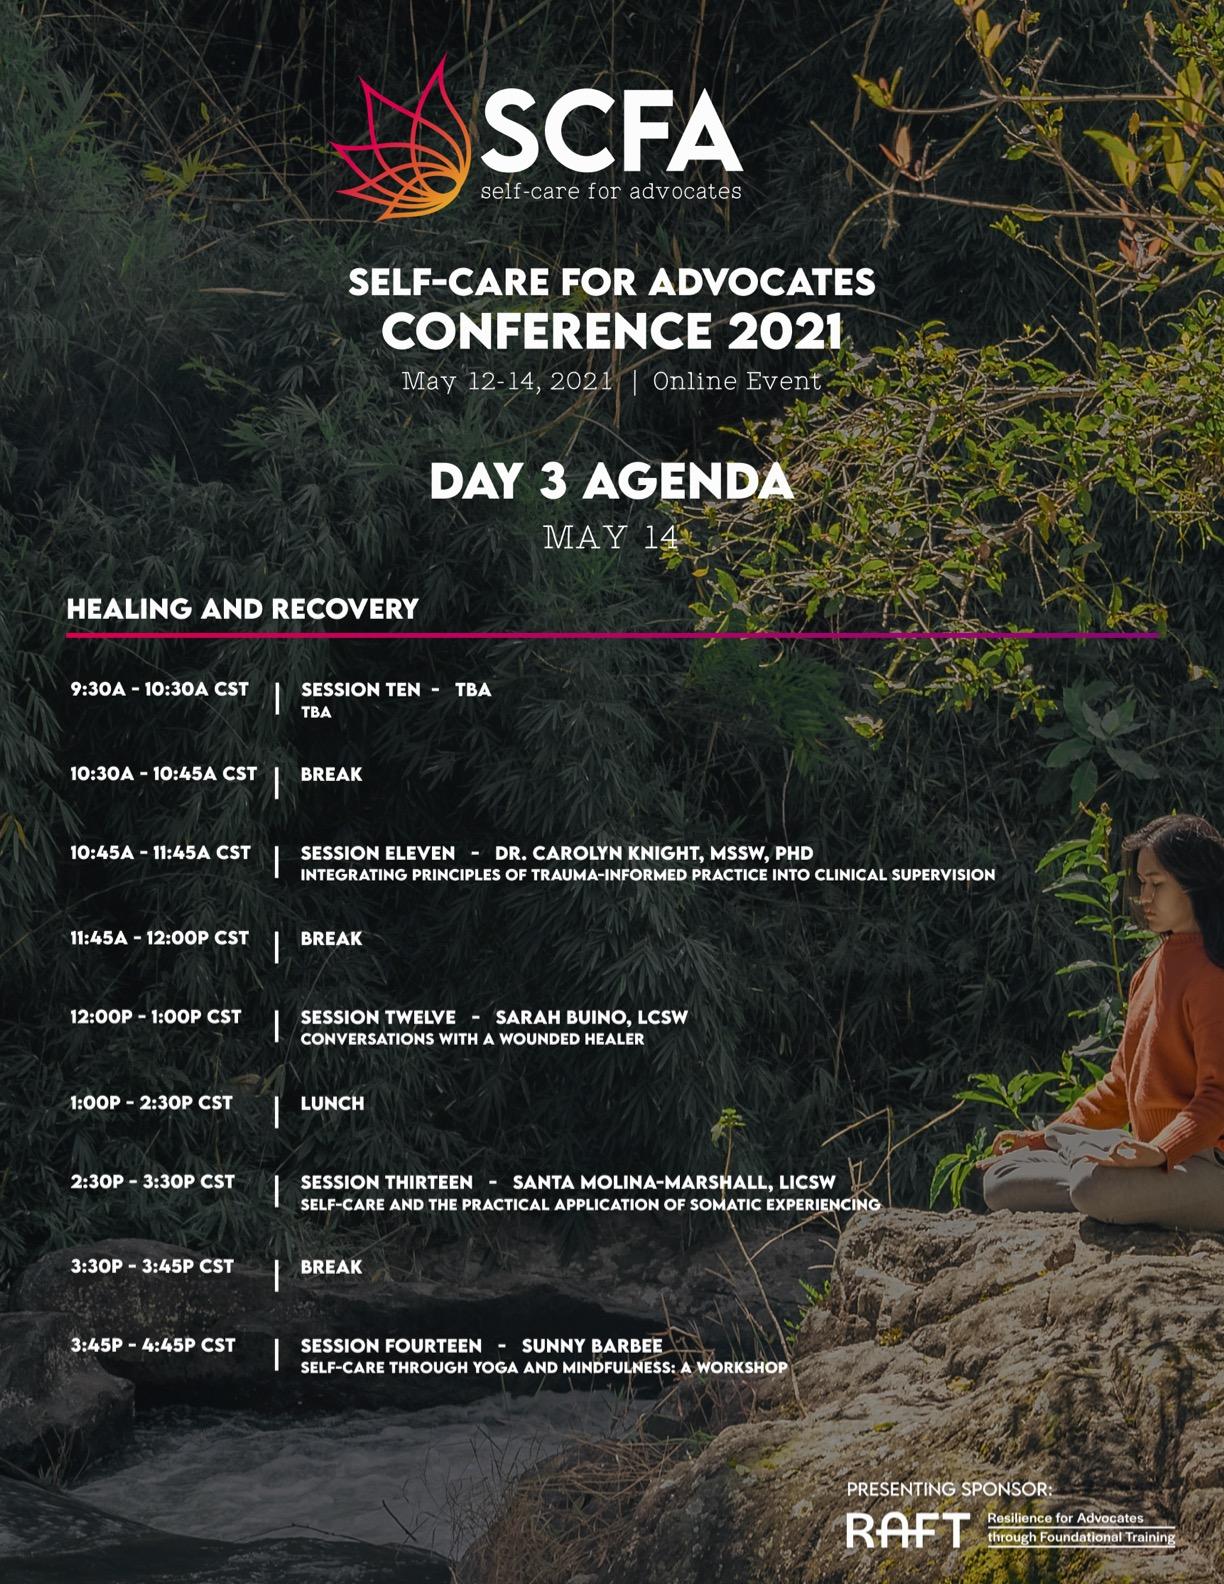 SCFA Con Agenda Day 3